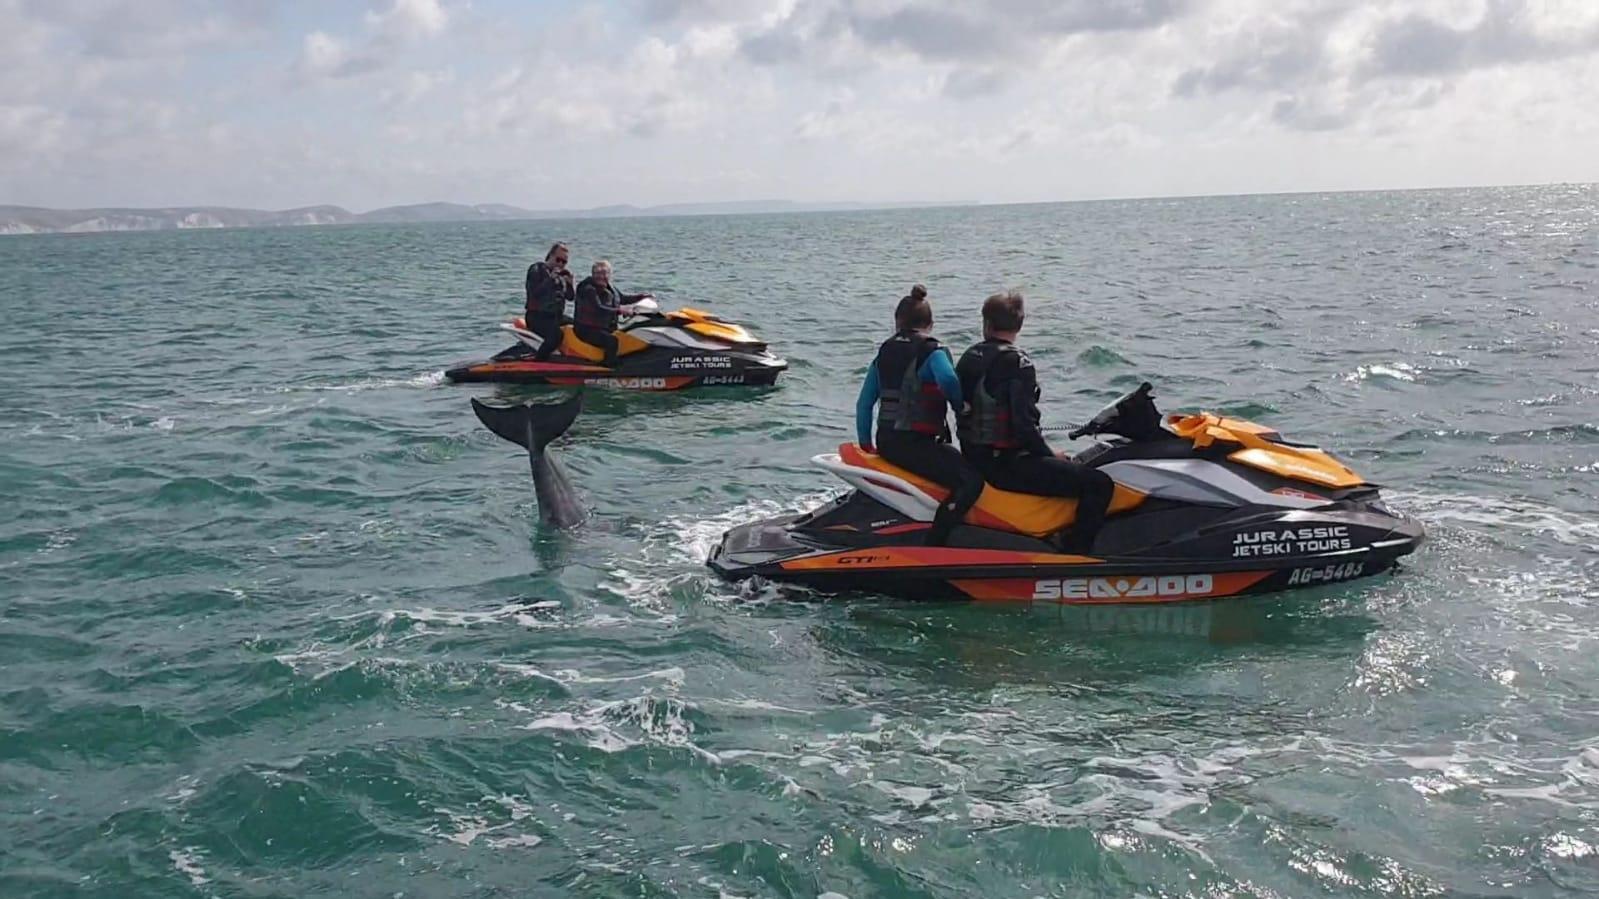 Jet Ski Dorset Jurassic Jet Ski Tour